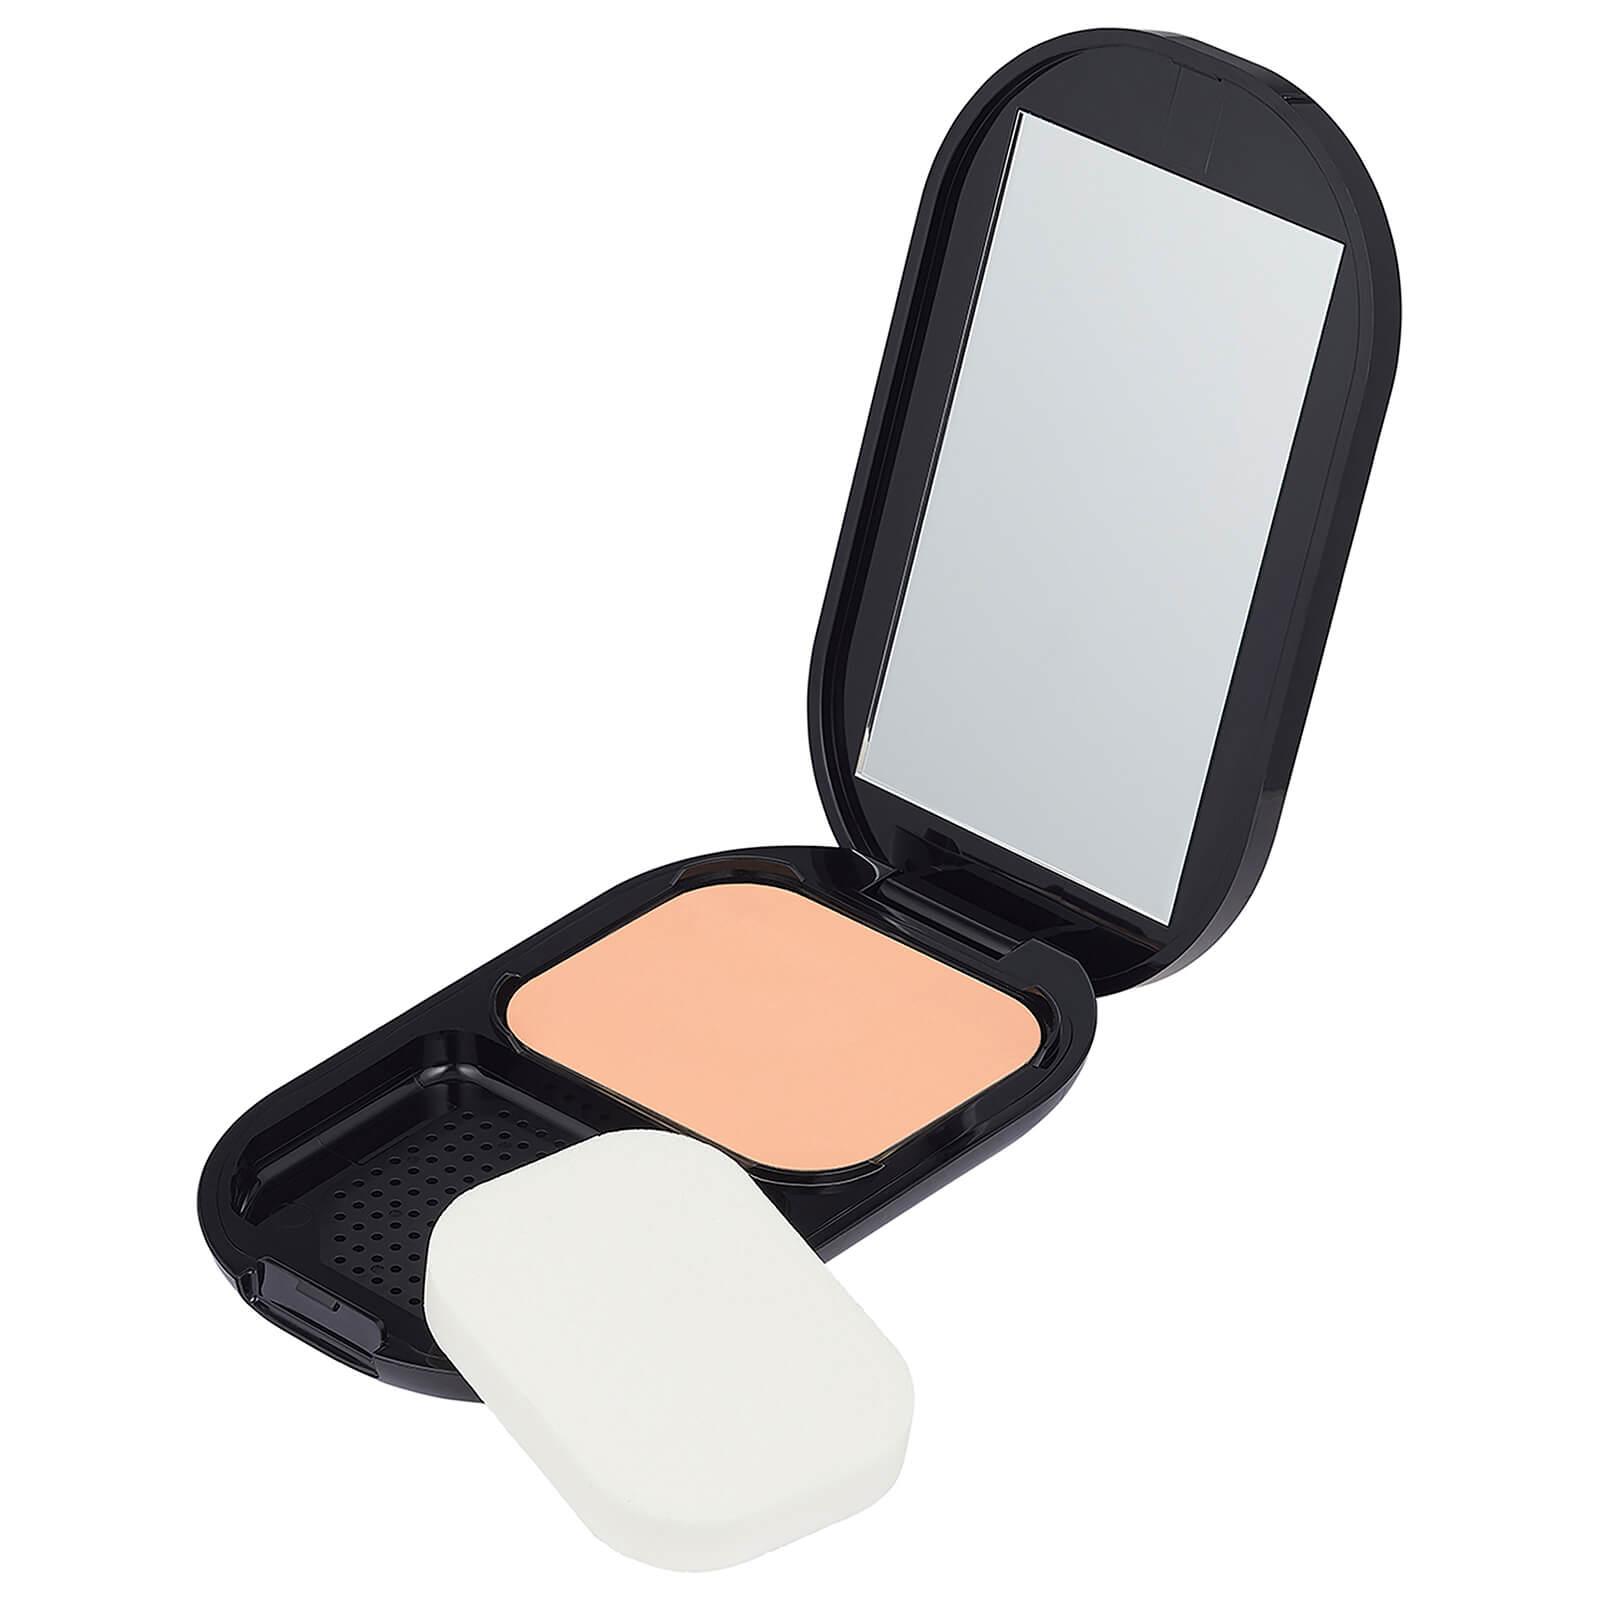 Купить Компактная пудра-основа Max Factor Facefinity Compact Foundation 10 г - оттенок 001 - Porcelain